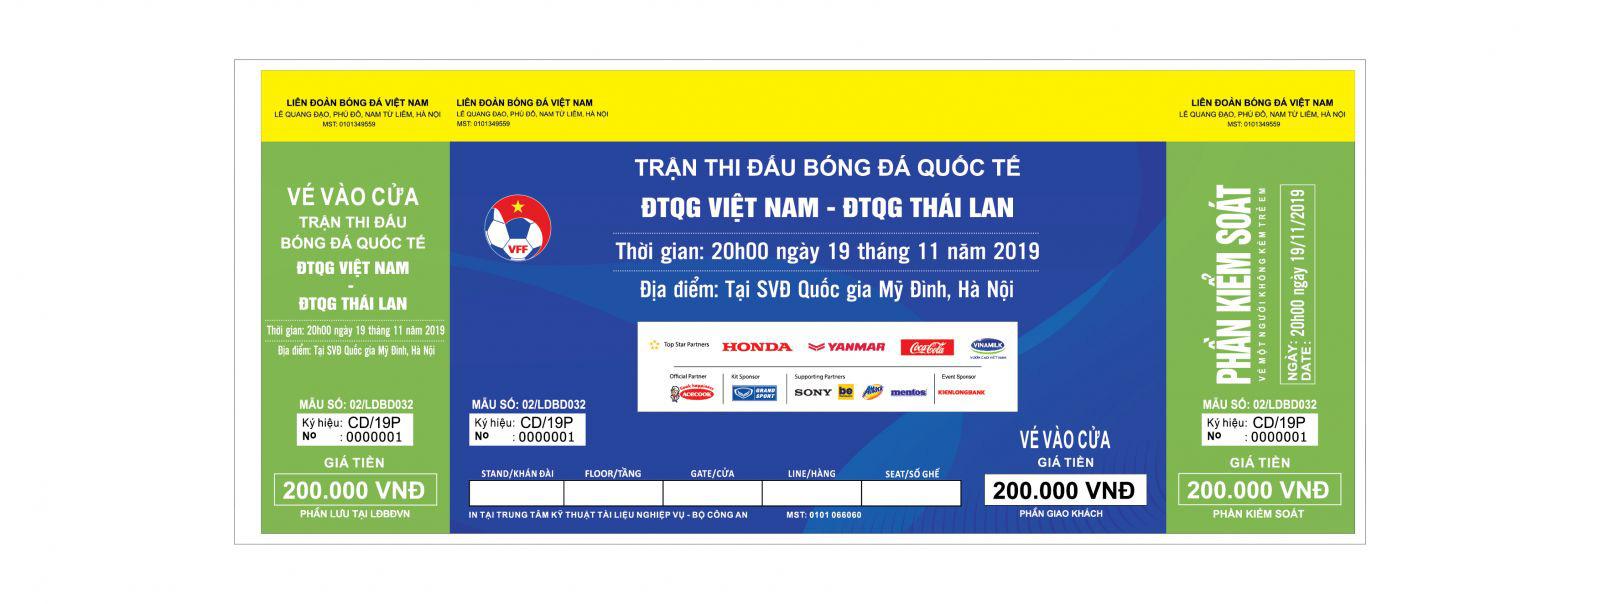 Phân biệt vé giả trận đấu giữa ĐT Việt Nam - ĐT Thái Lan: Cẩn thận tiền mất tật mang - Ảnh 2.